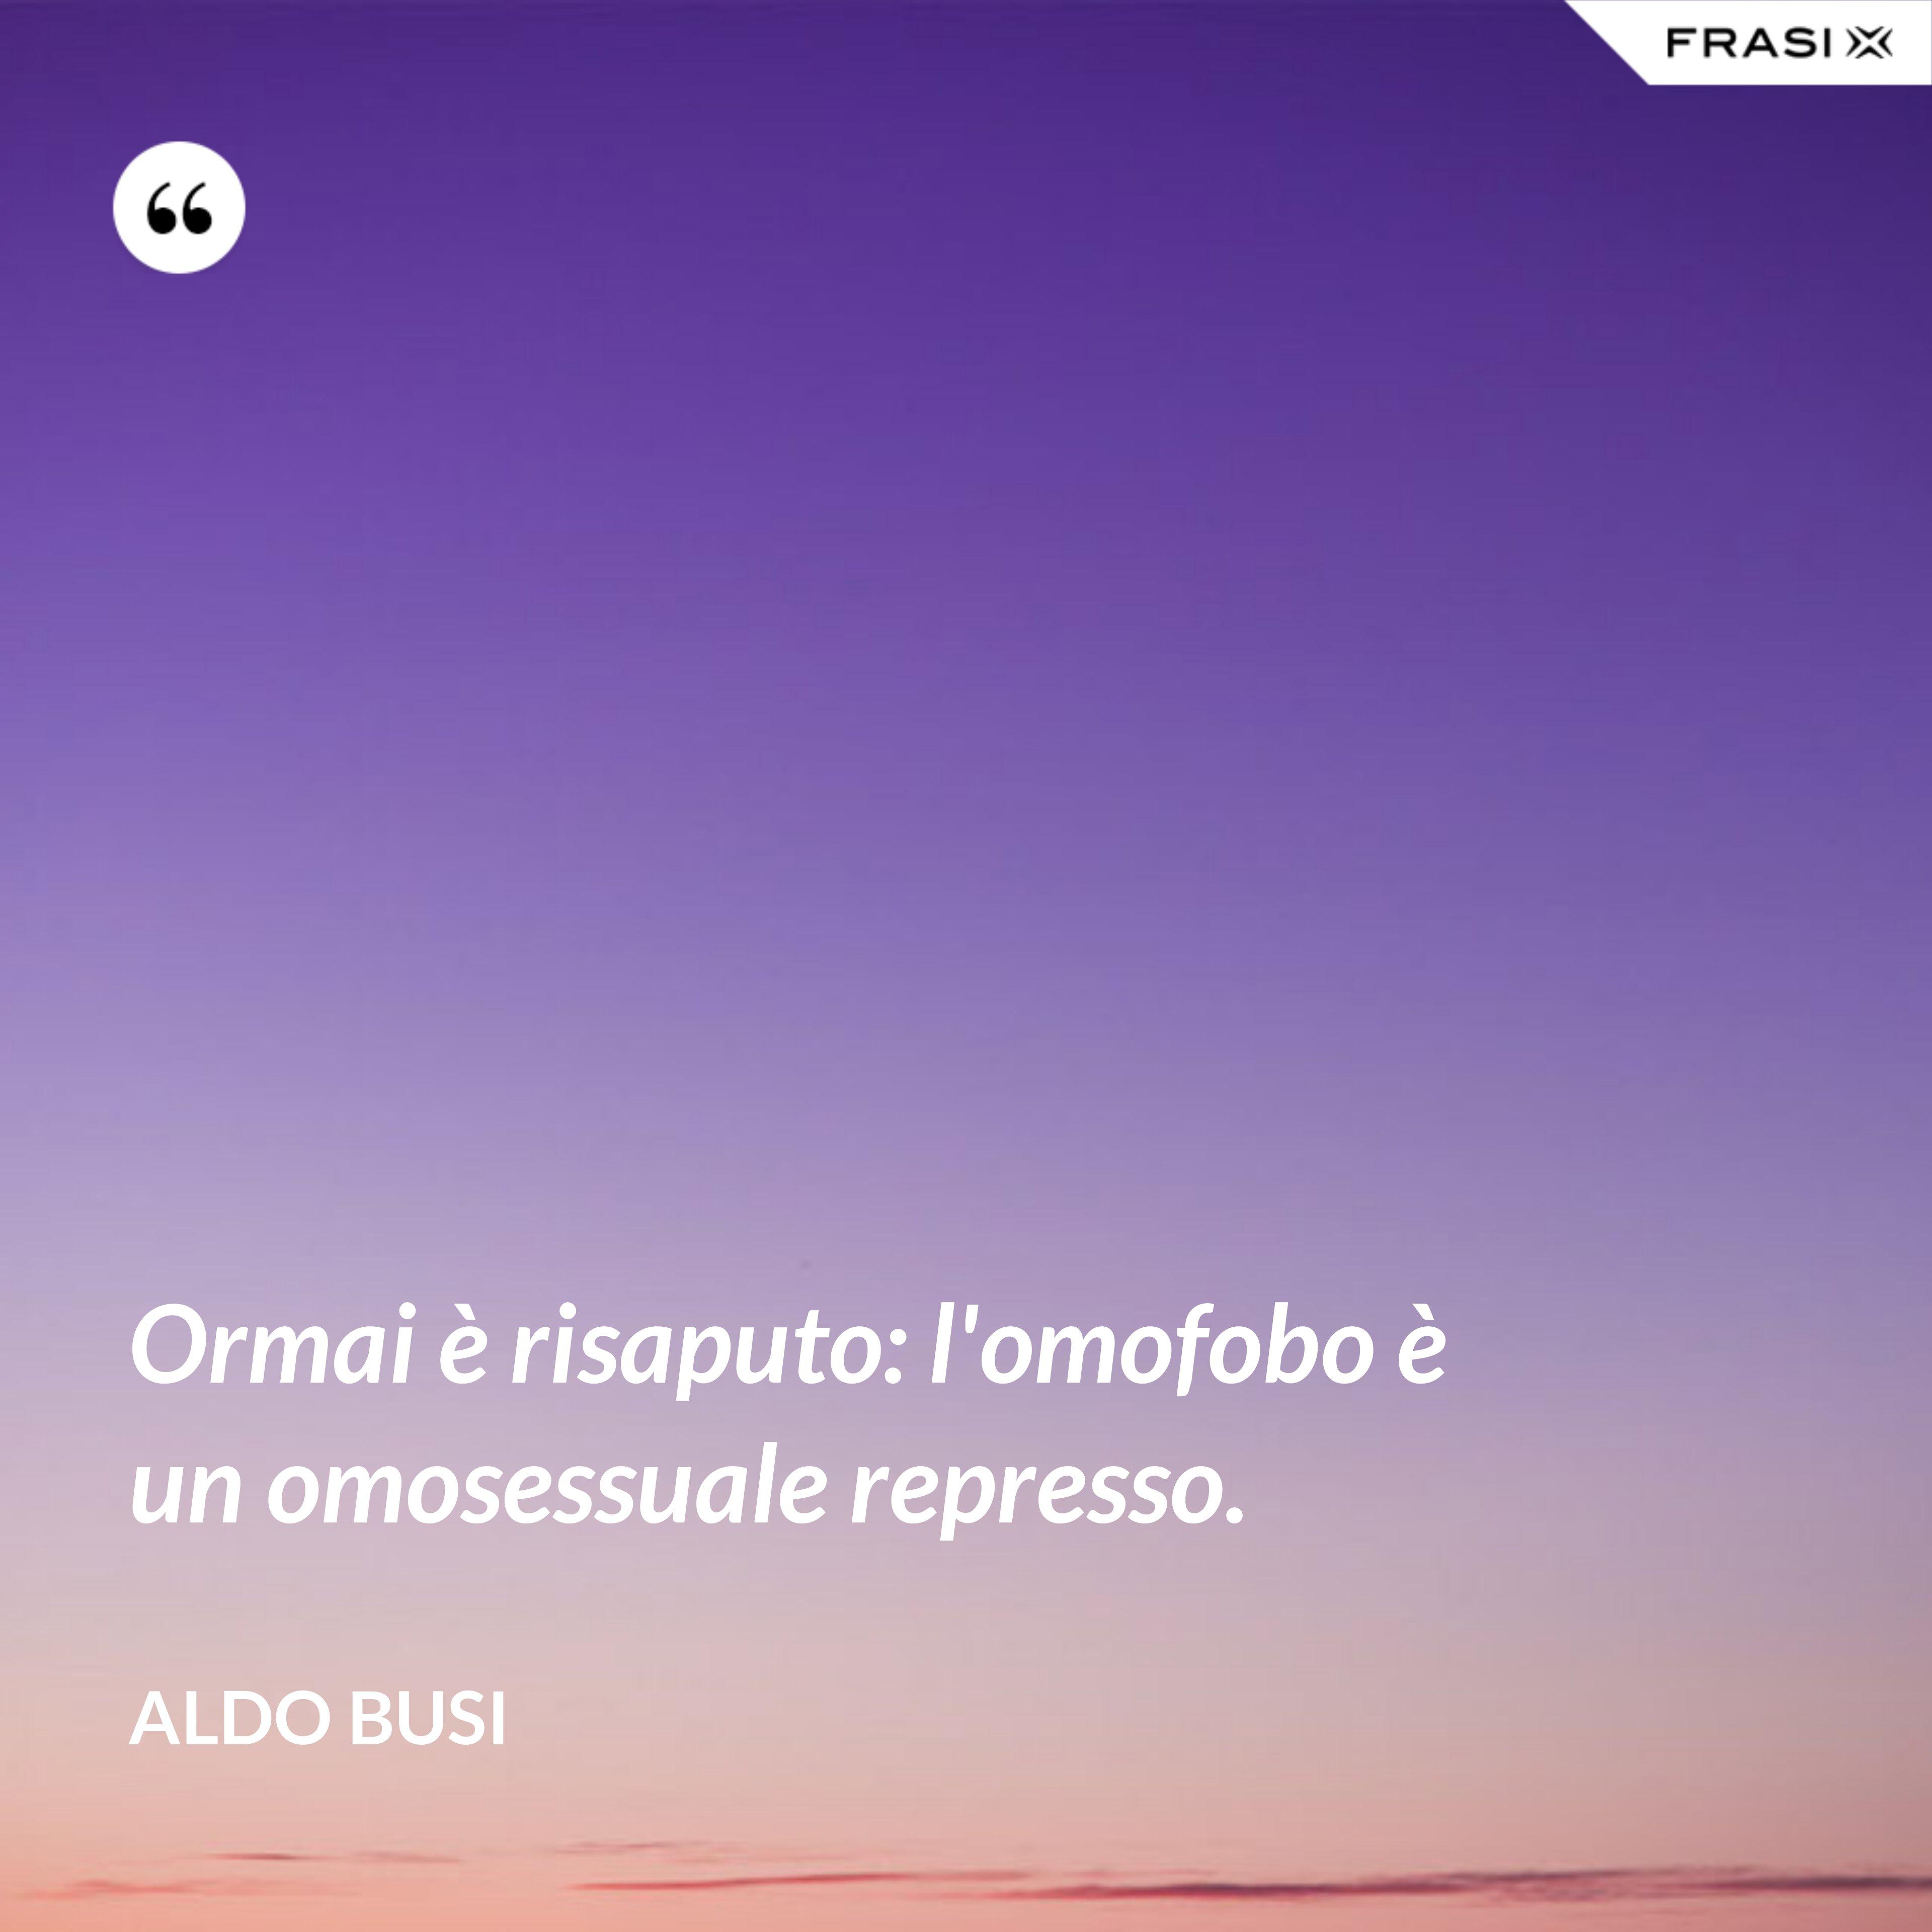 Ormai è risaputo: l'omofobo è un omosessuale represso. - Aldo Busi